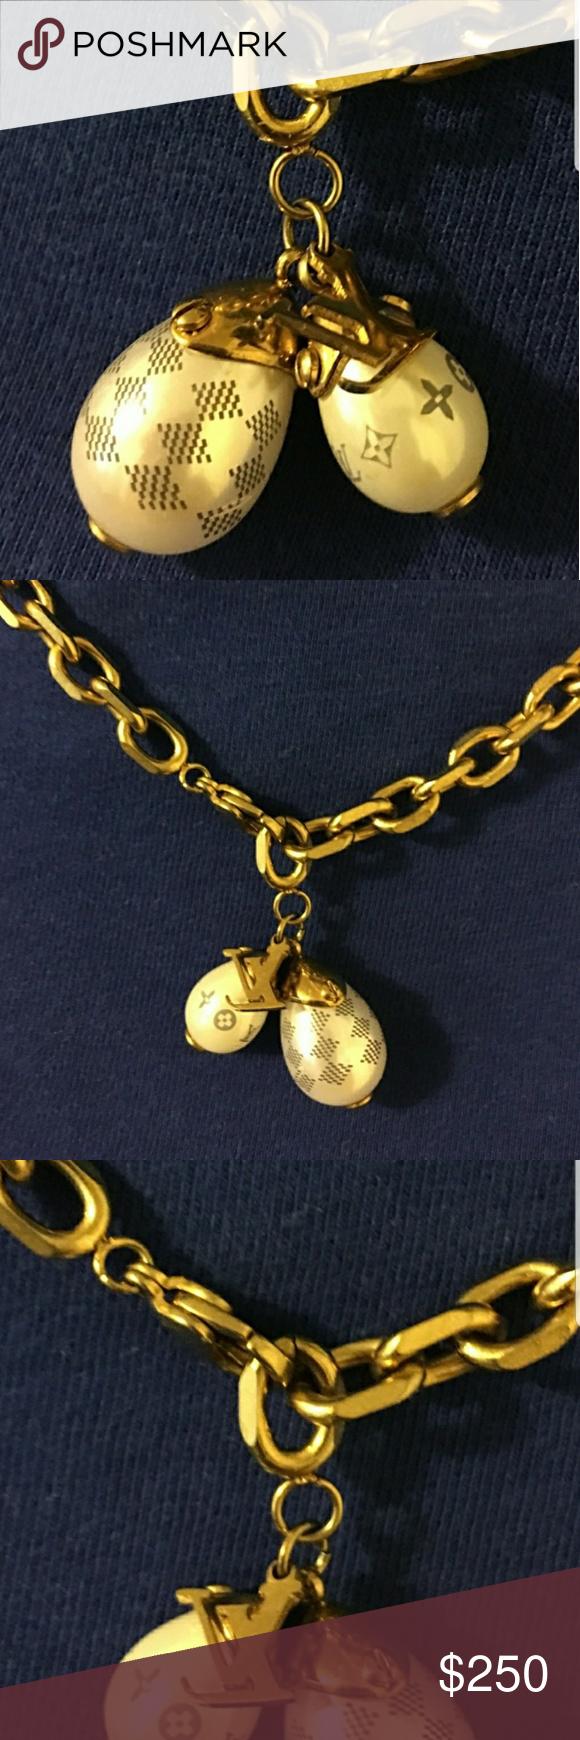 Last chance Authentic 100% Louis Vuitton necklace ...